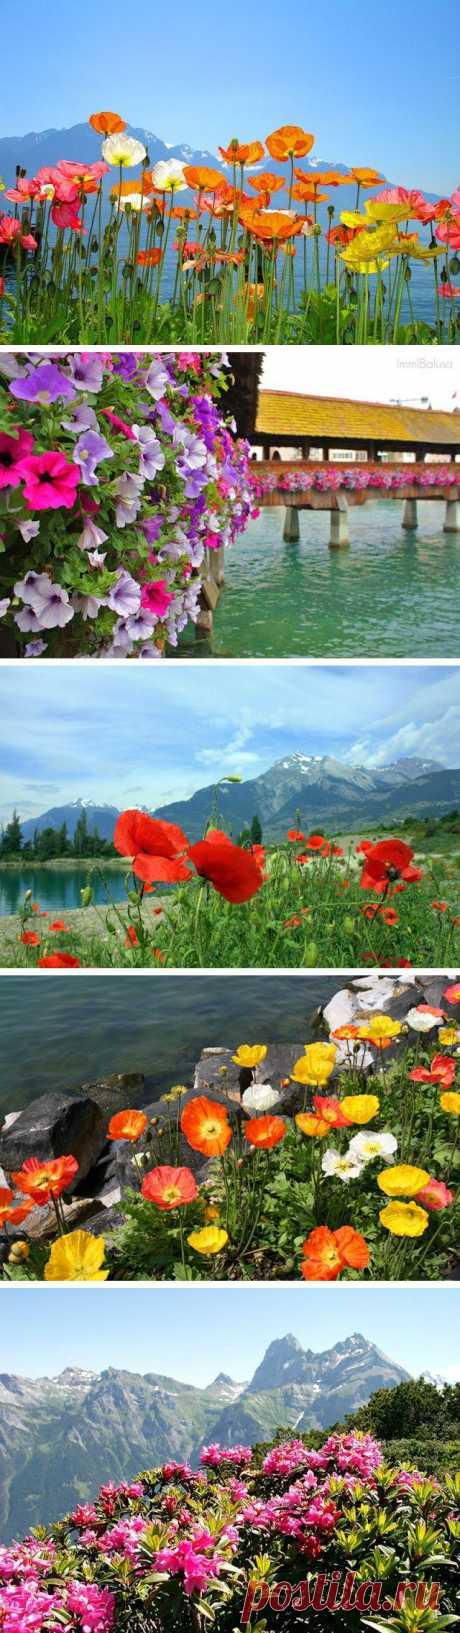 Цветы Швейцарии. Глядя на эти фото кажется, что в Швейцарии все просто утопает в цветах…